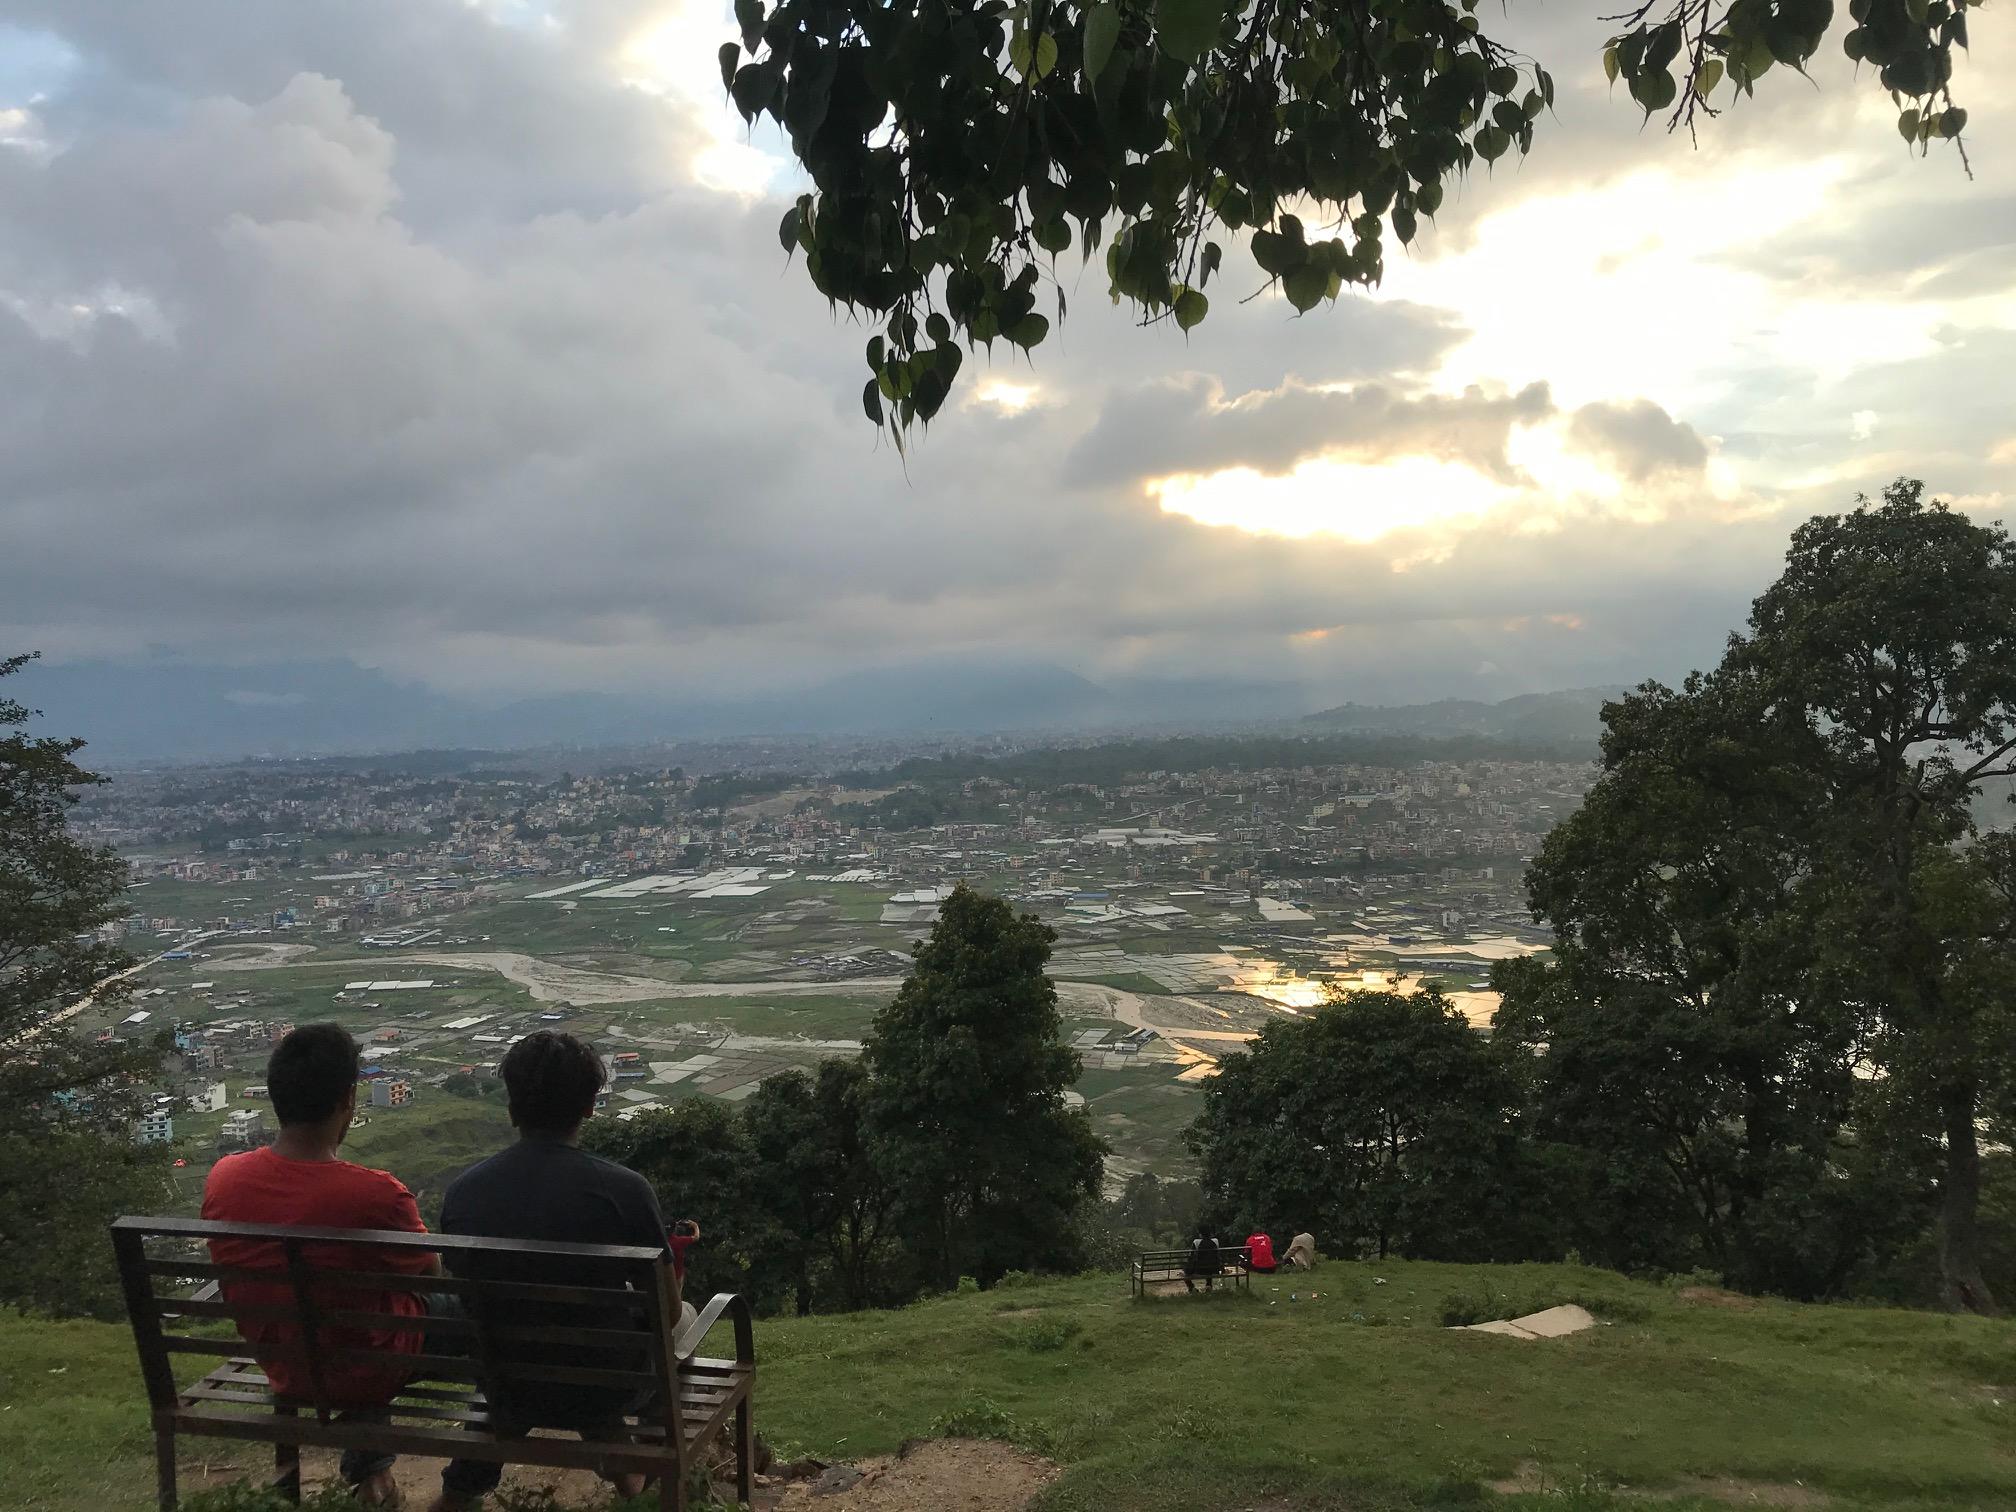 गोकर्णेश्वरको चामुण्डादेवीको मन्दिर र जगडोलको सहिद पार्क